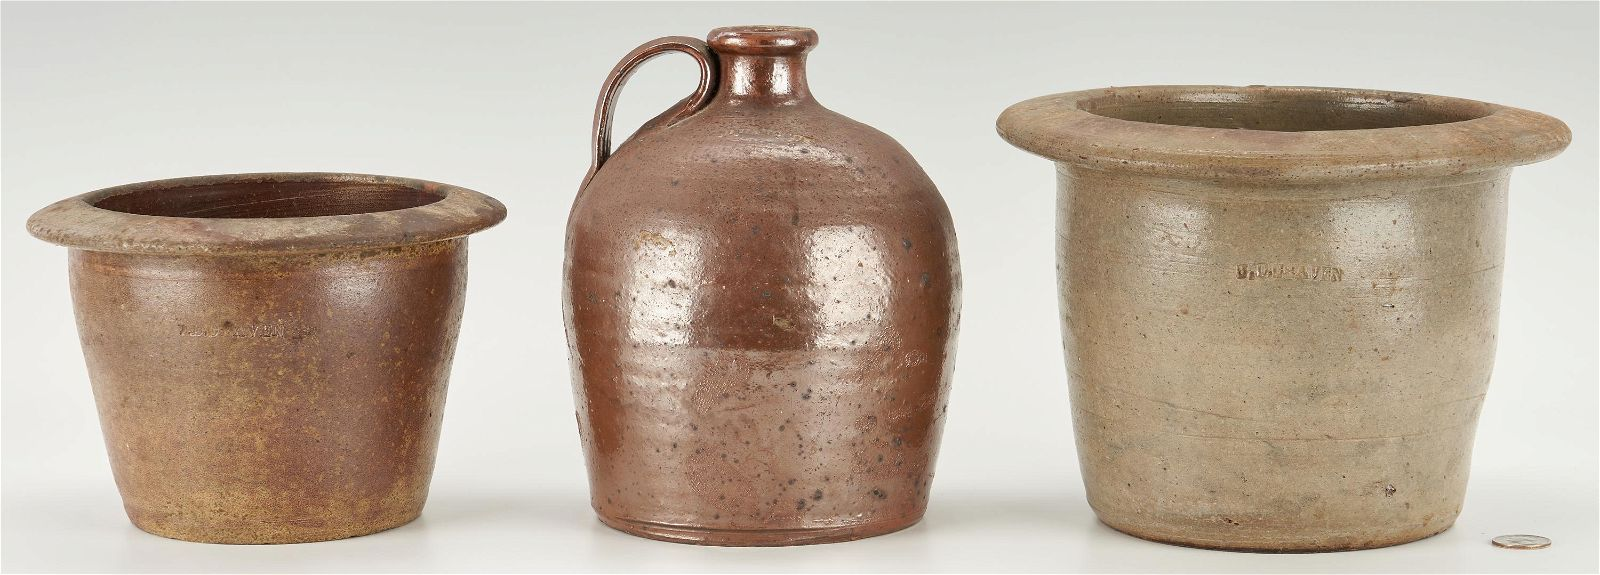 3 NC Stoneware Items, incl. Hancock Jug, Craven Cream